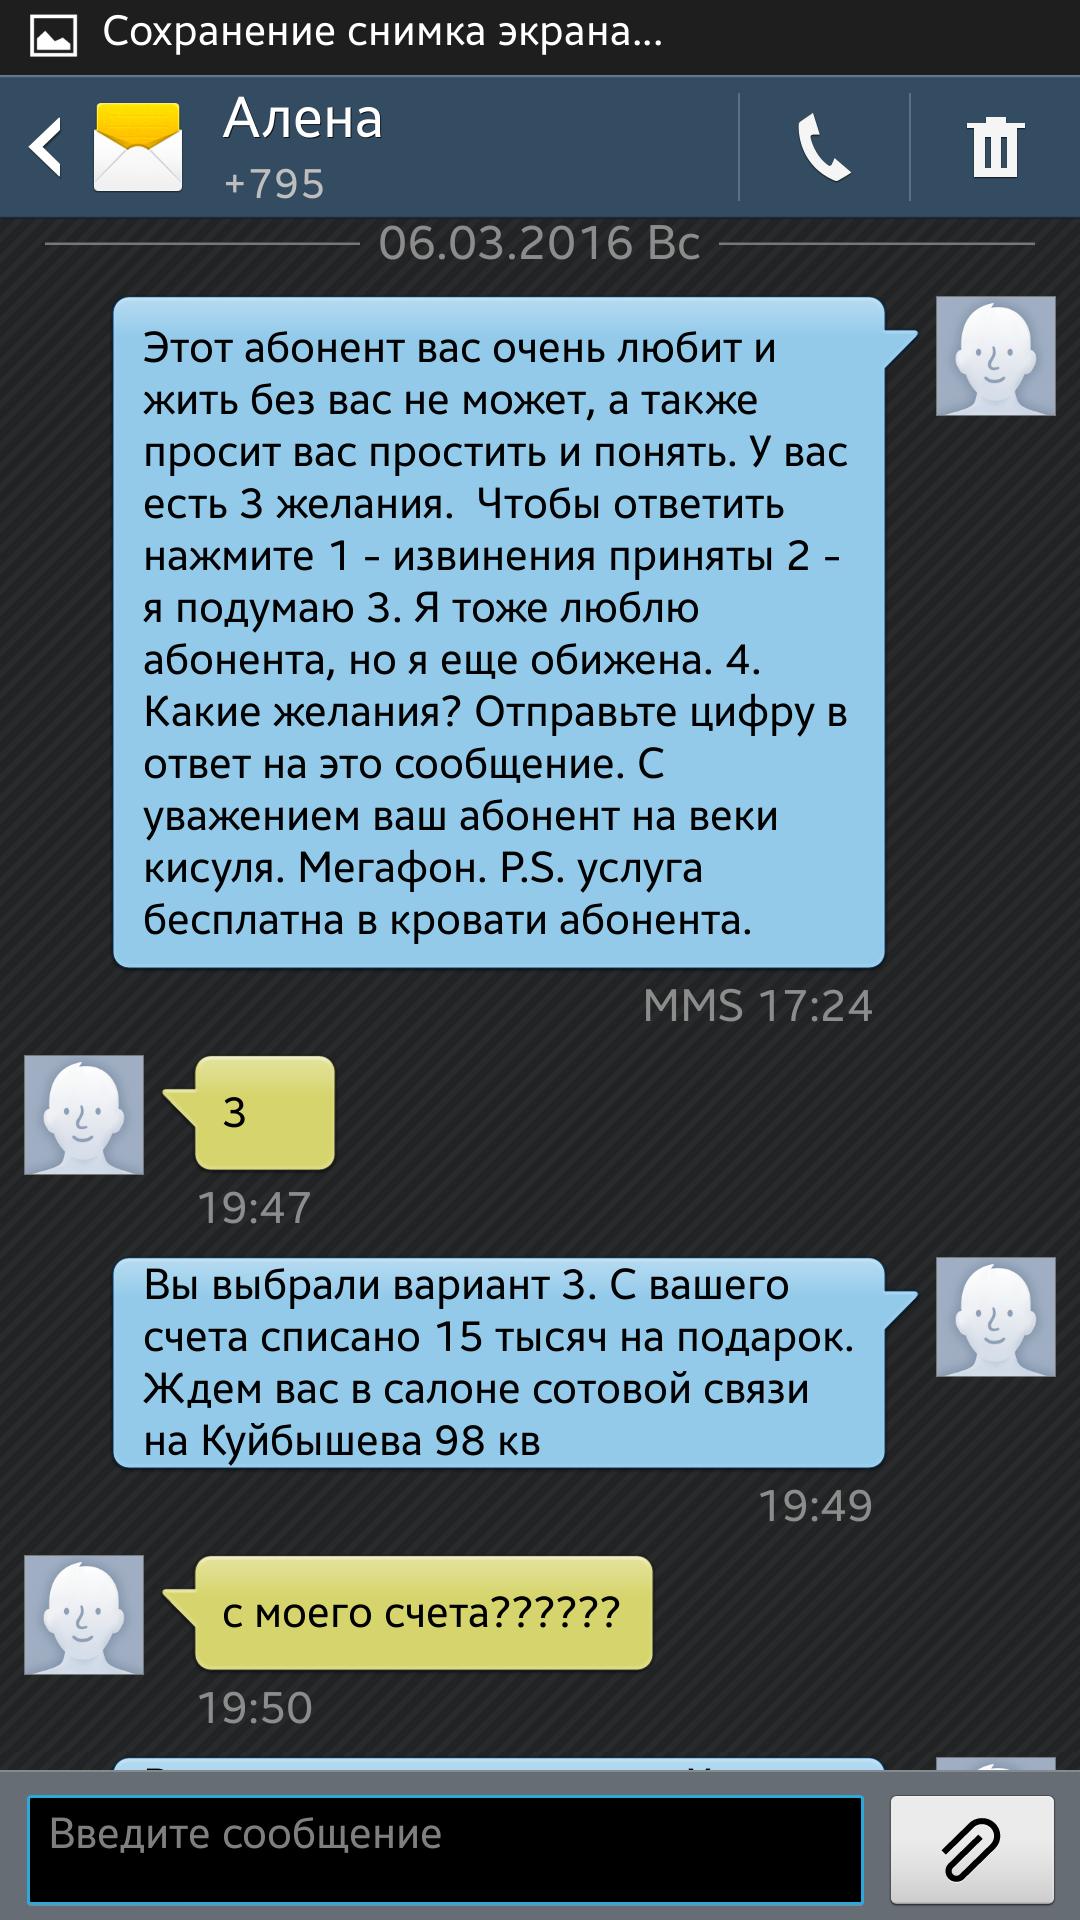 Текст извинением девушки